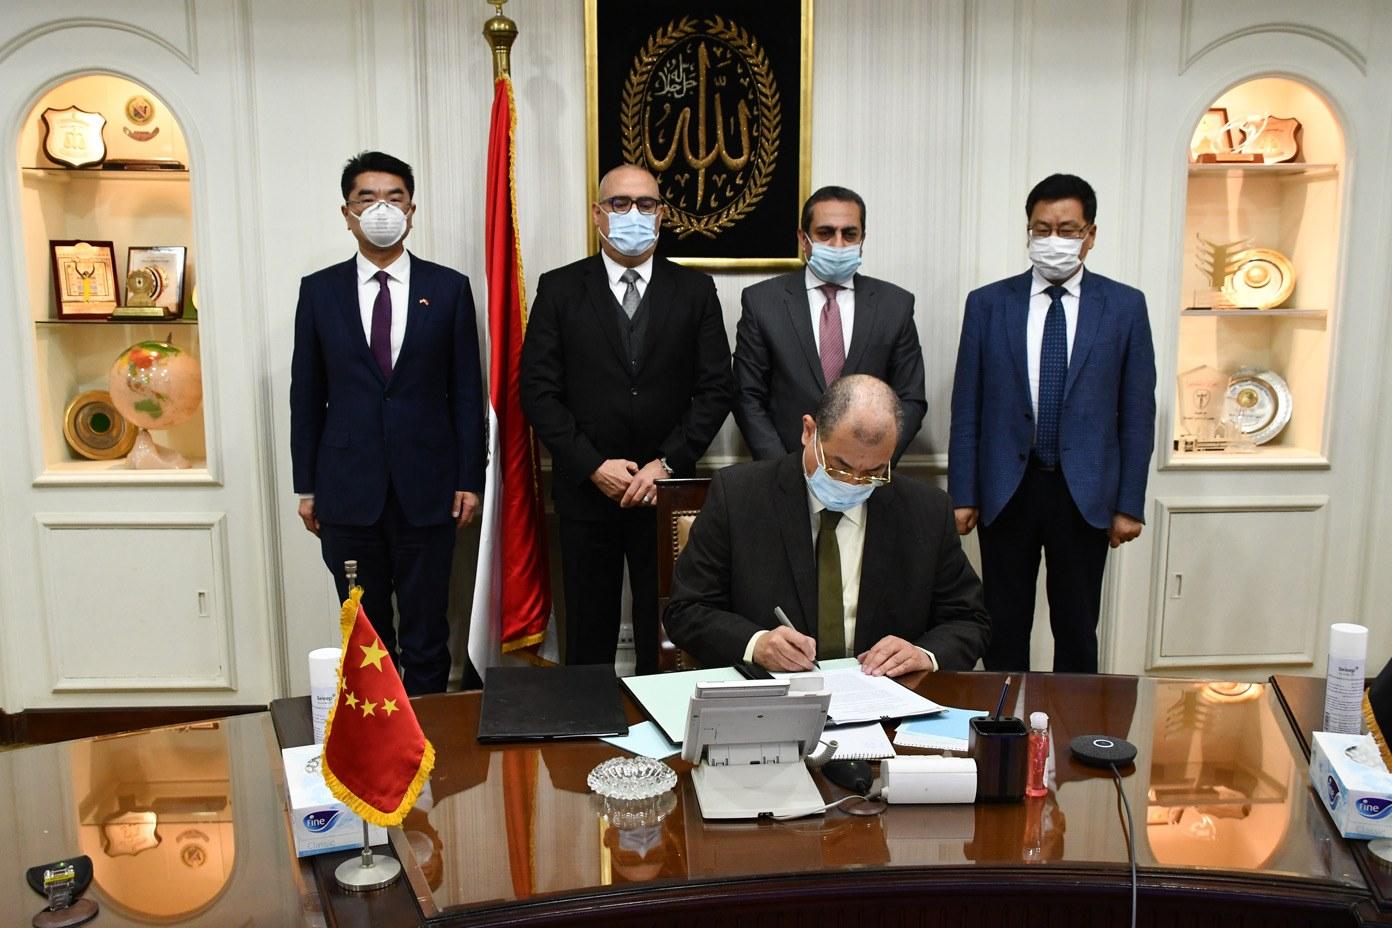 وزير الإسكان وسفير مصر بالصين يشهدان توقيع استكمال تشغيل منطقة الأعمال بالعاصمة الإدارية